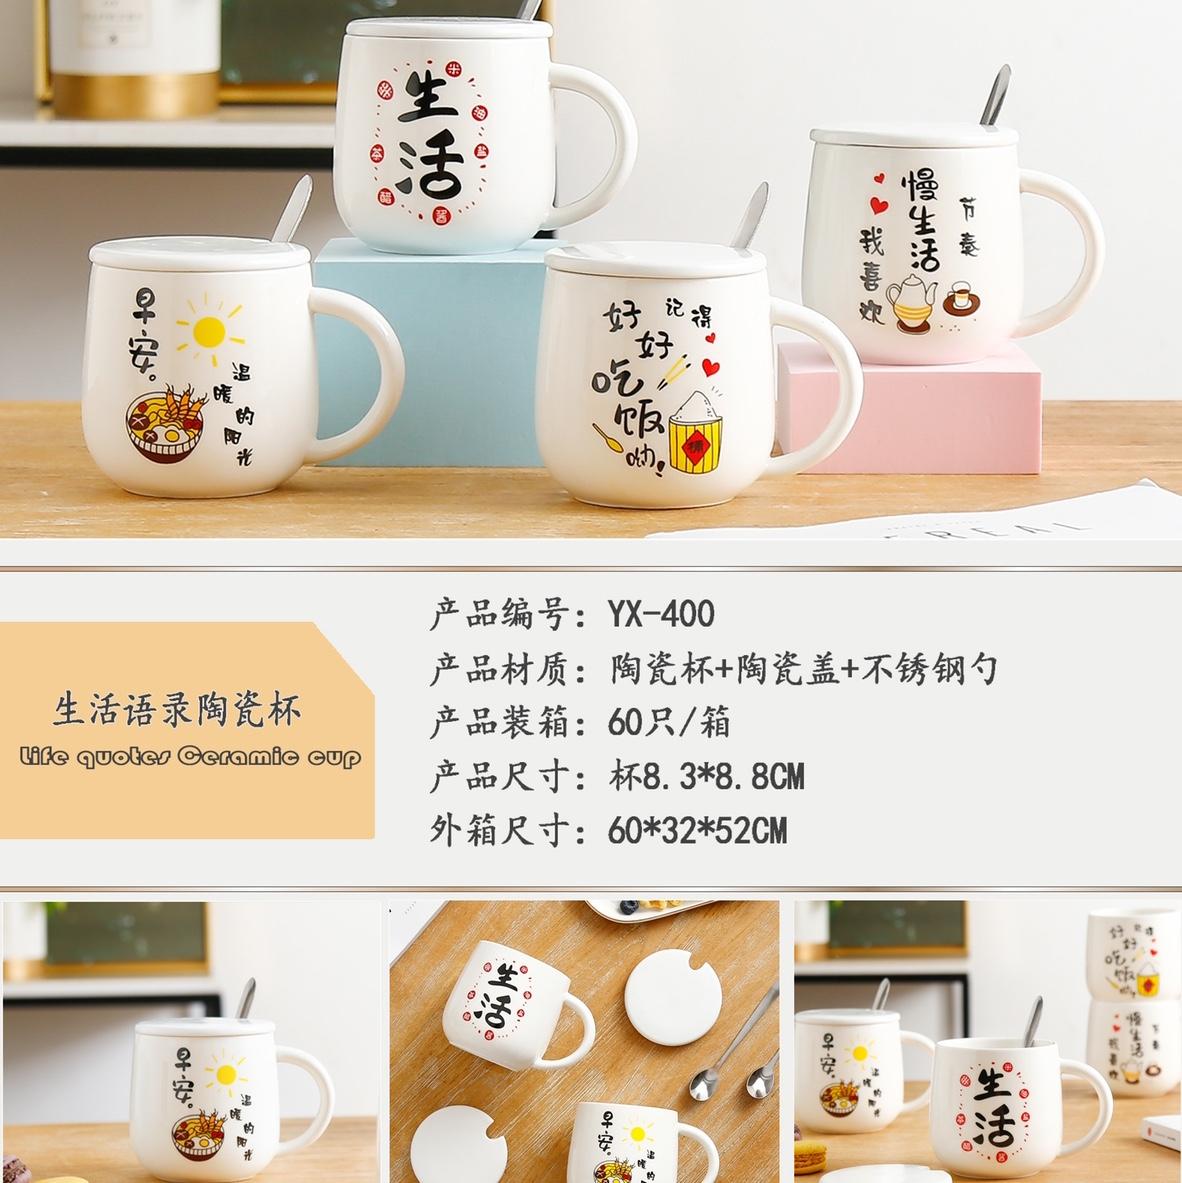 生活语录陶瓷杯